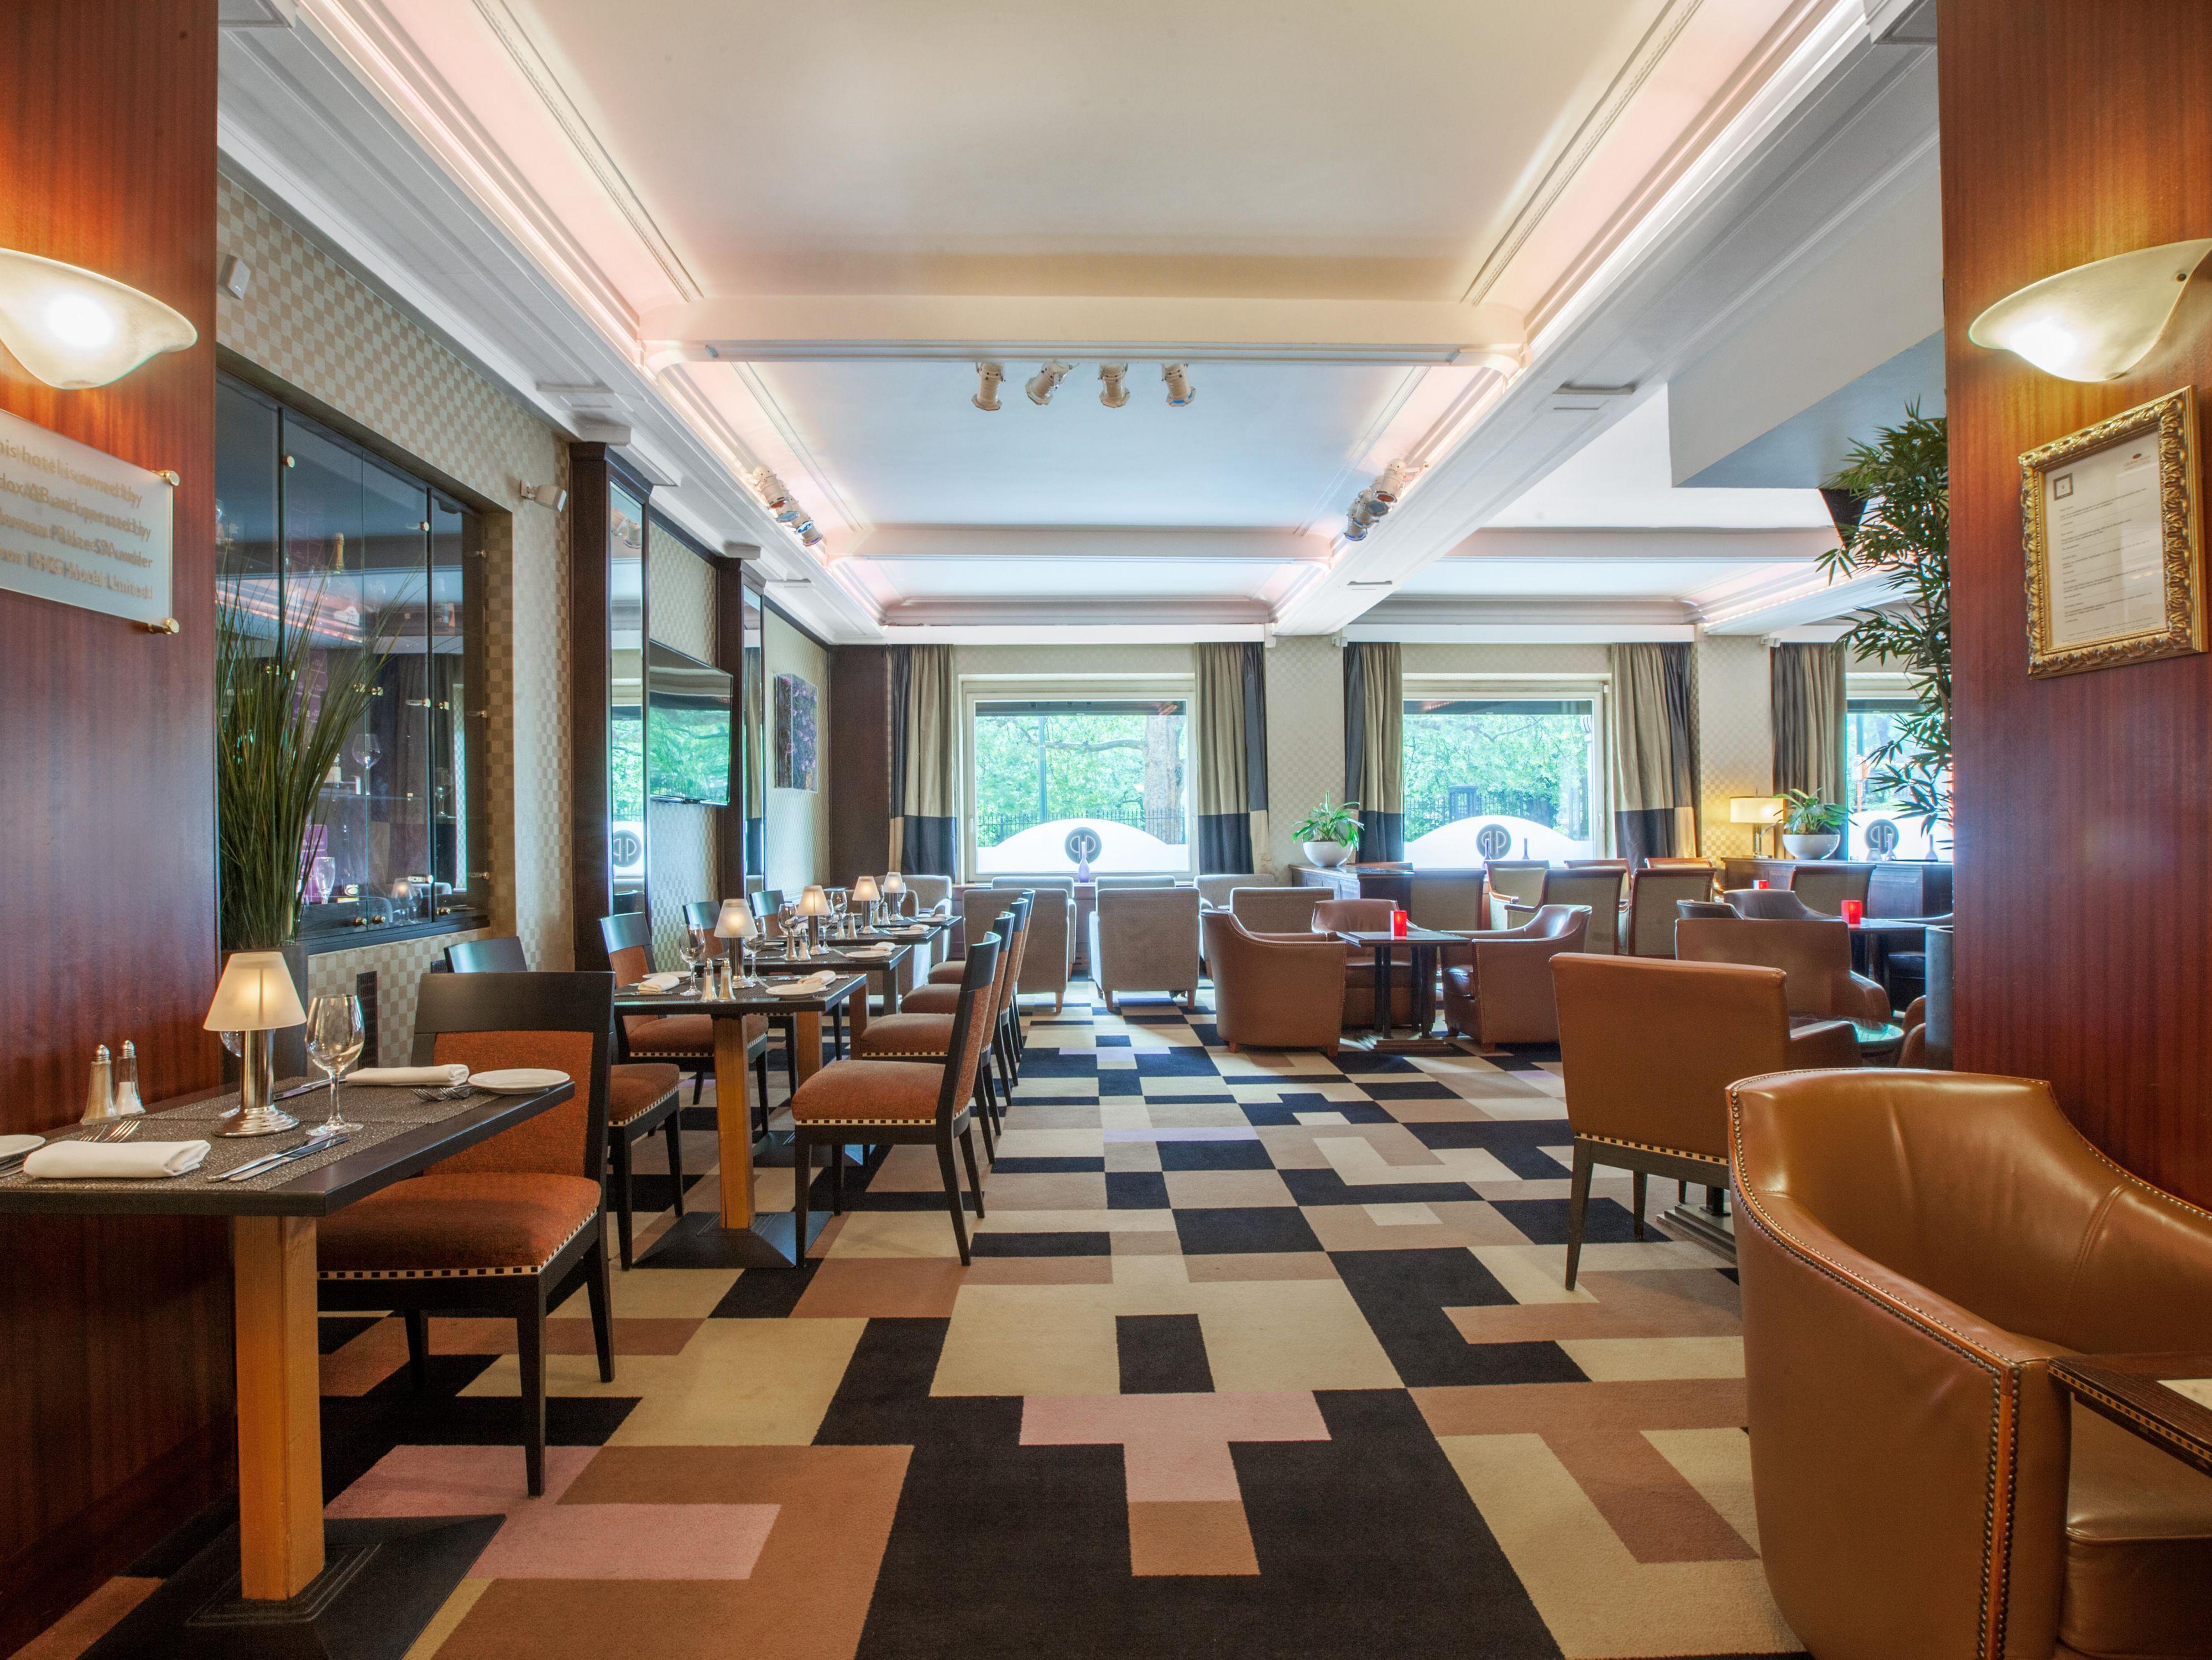 Image result for crowne plaza brussels restaurant